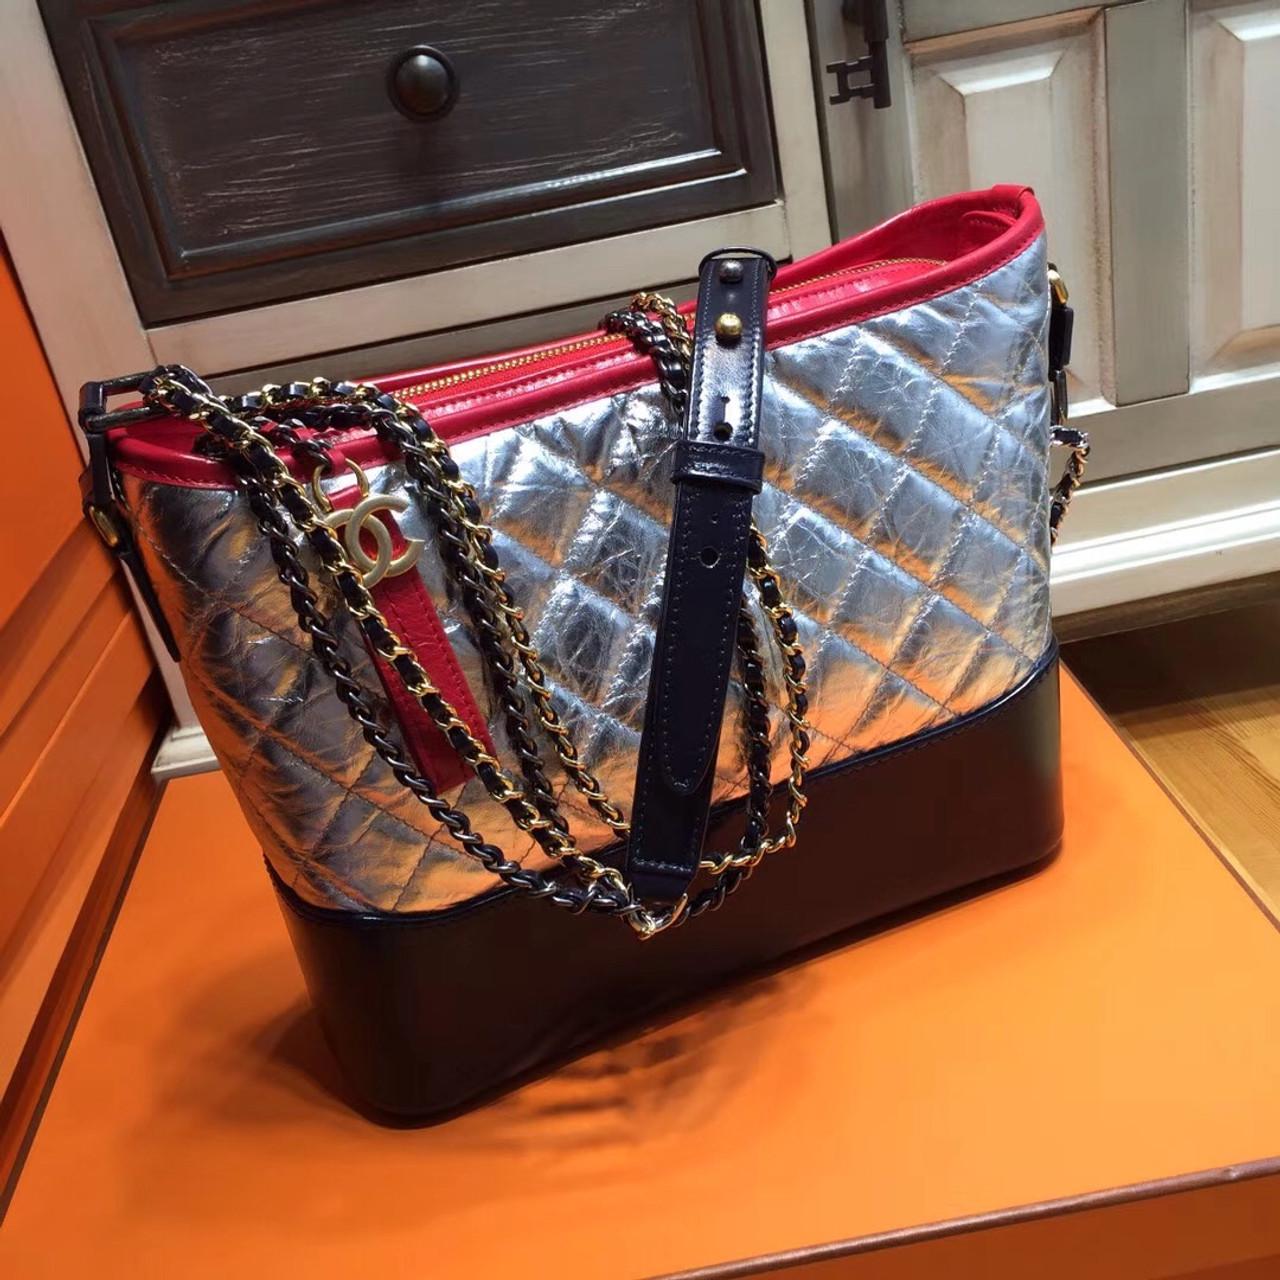 4097dc2c57ac13 Chanel's Gabrielle Hobo Bag Silver/Black/Red A93824 - Bella Vita Moda